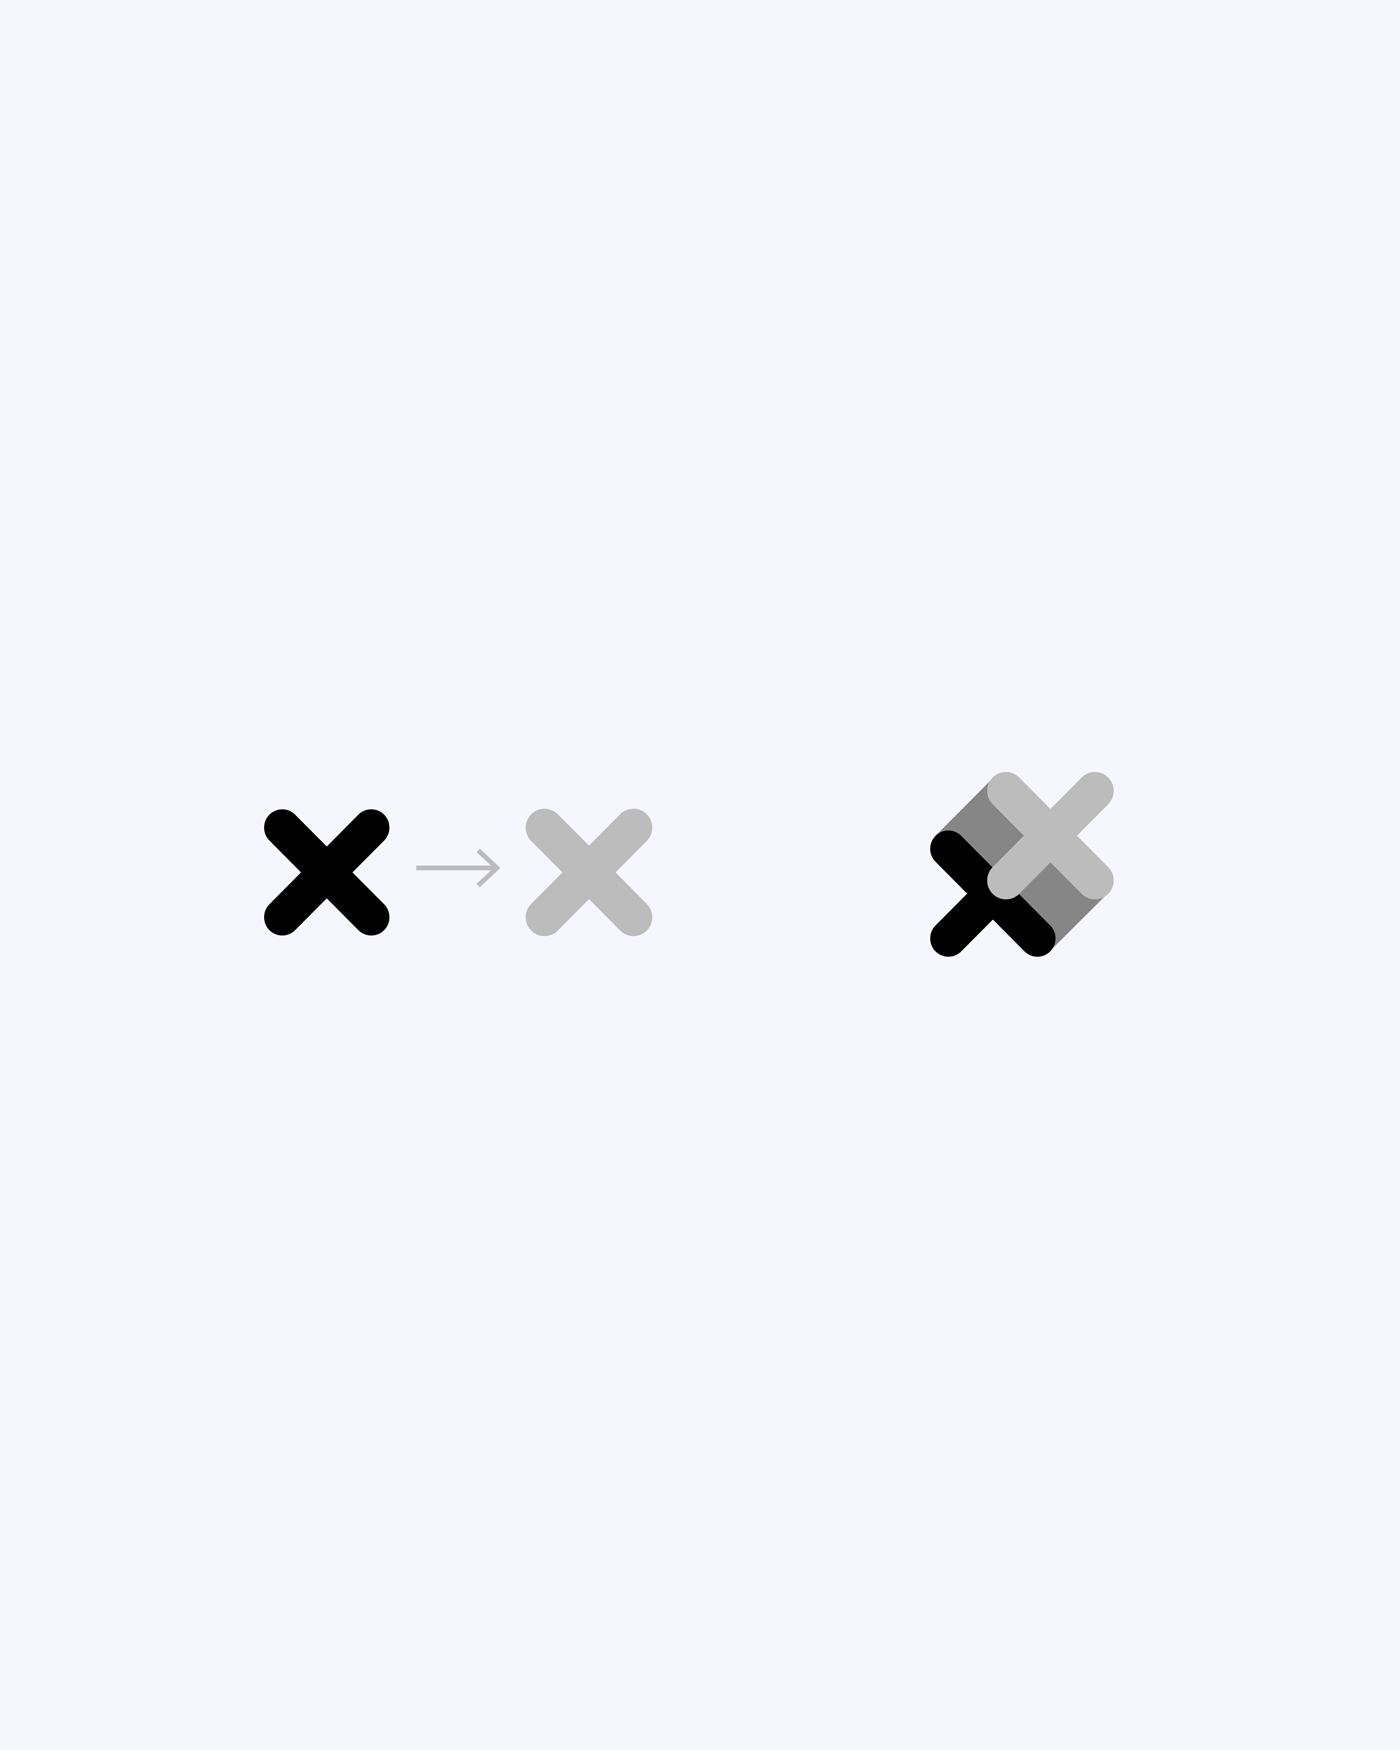 15-Tixel